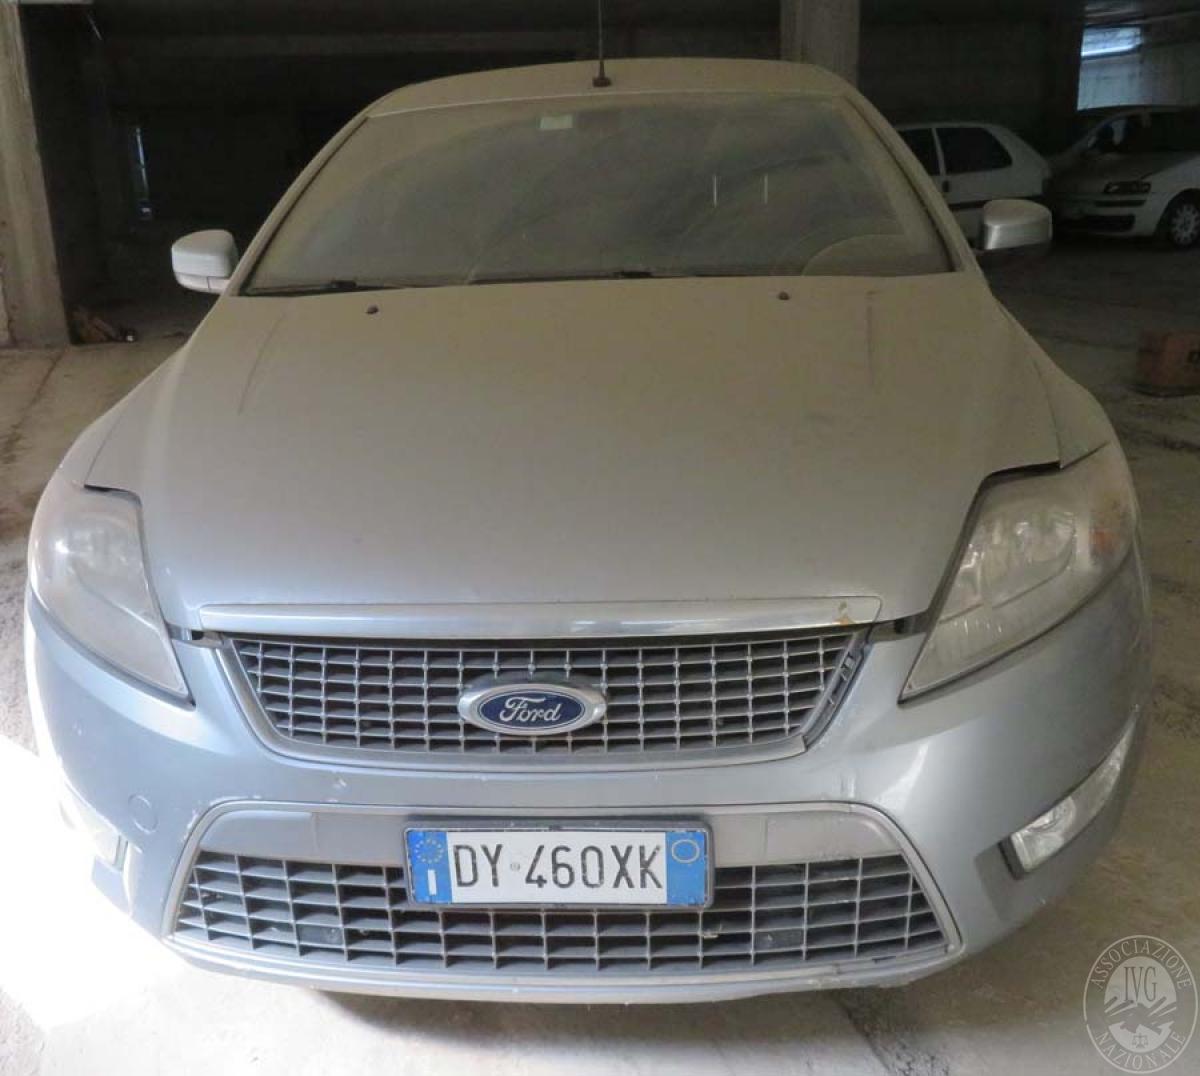 Lotto 12) Autovettura Ford Mondeo Familiare     GARA ONLINE 25 GIUGNO 2021